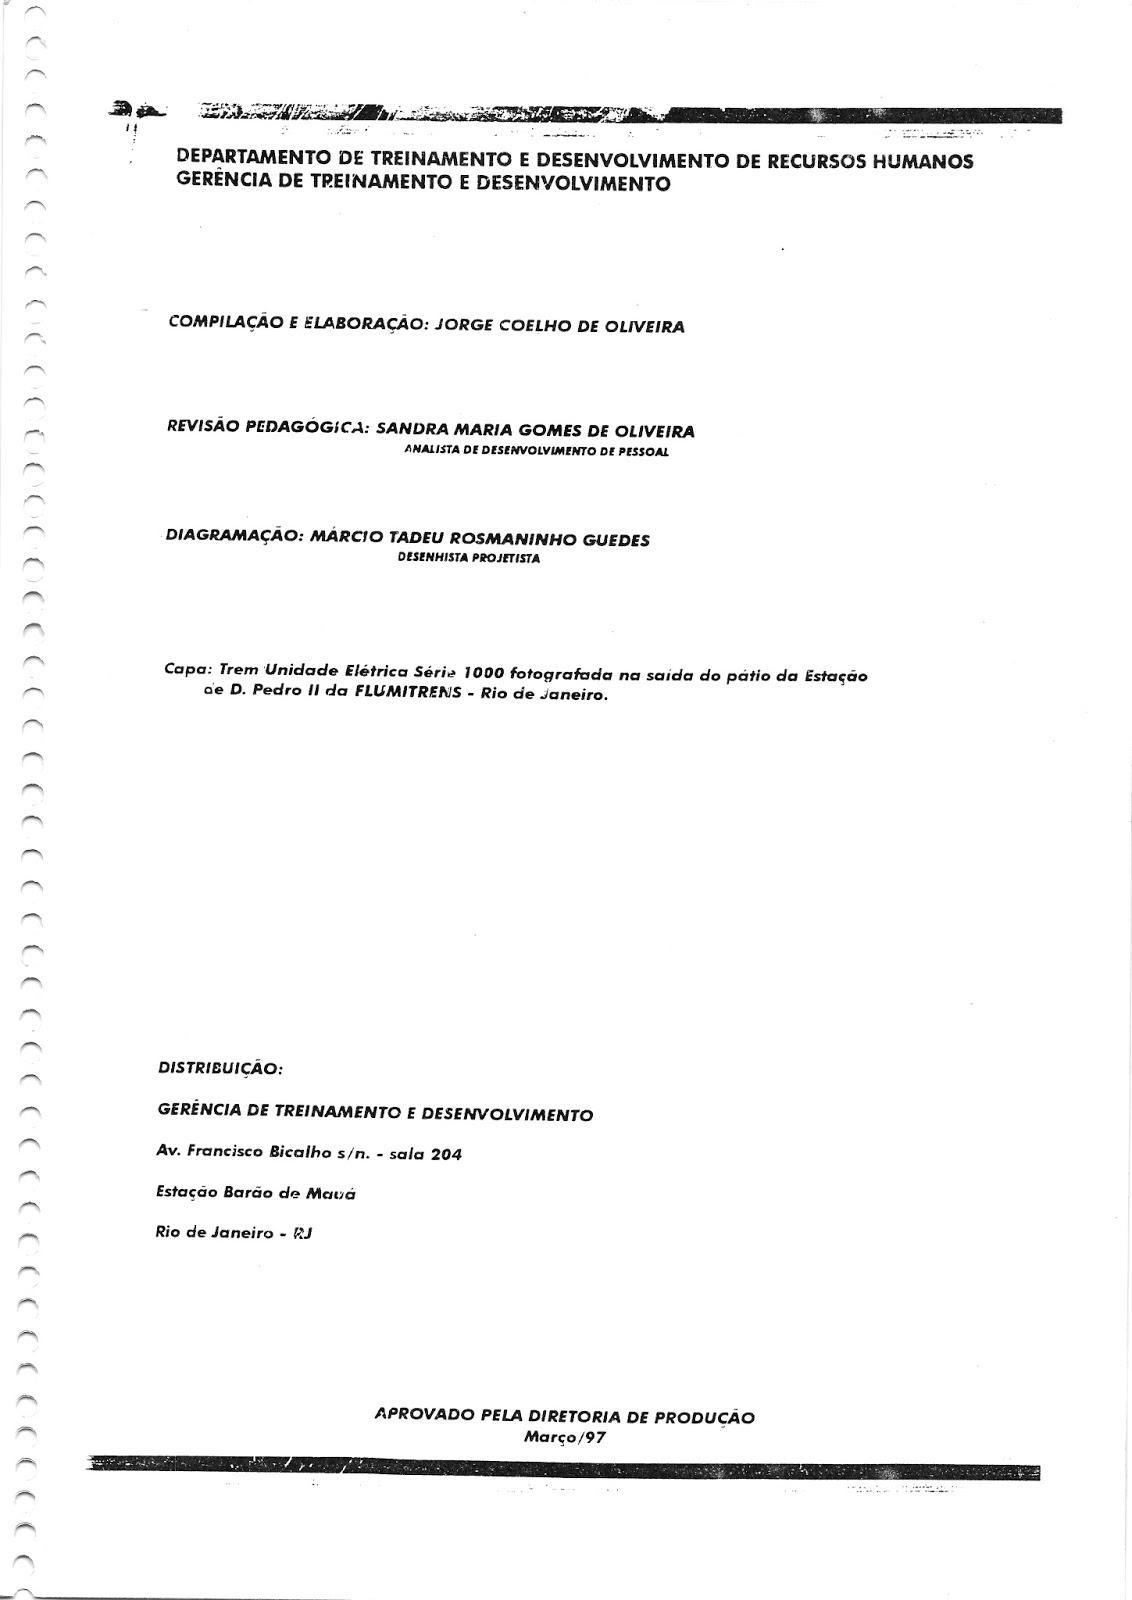 Linha Auxiliar: Manual de operação dos trens da série 1000